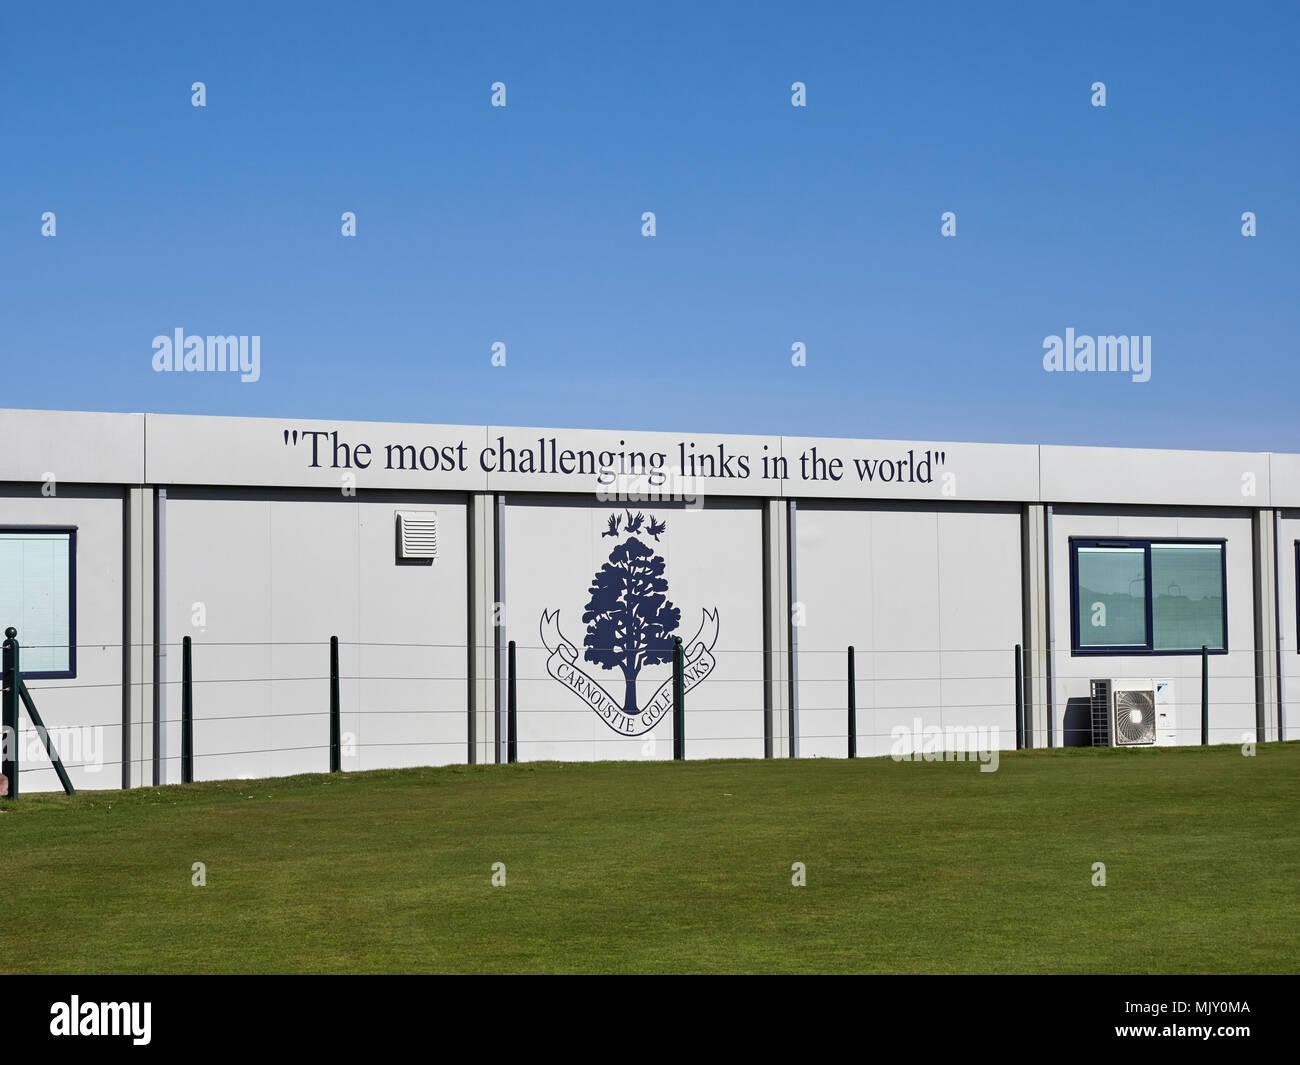 Il più stimolante nel mondo Slogan alla pratica Putting Green a Carnoustie Links in Angus Scozia. Immagini Stock